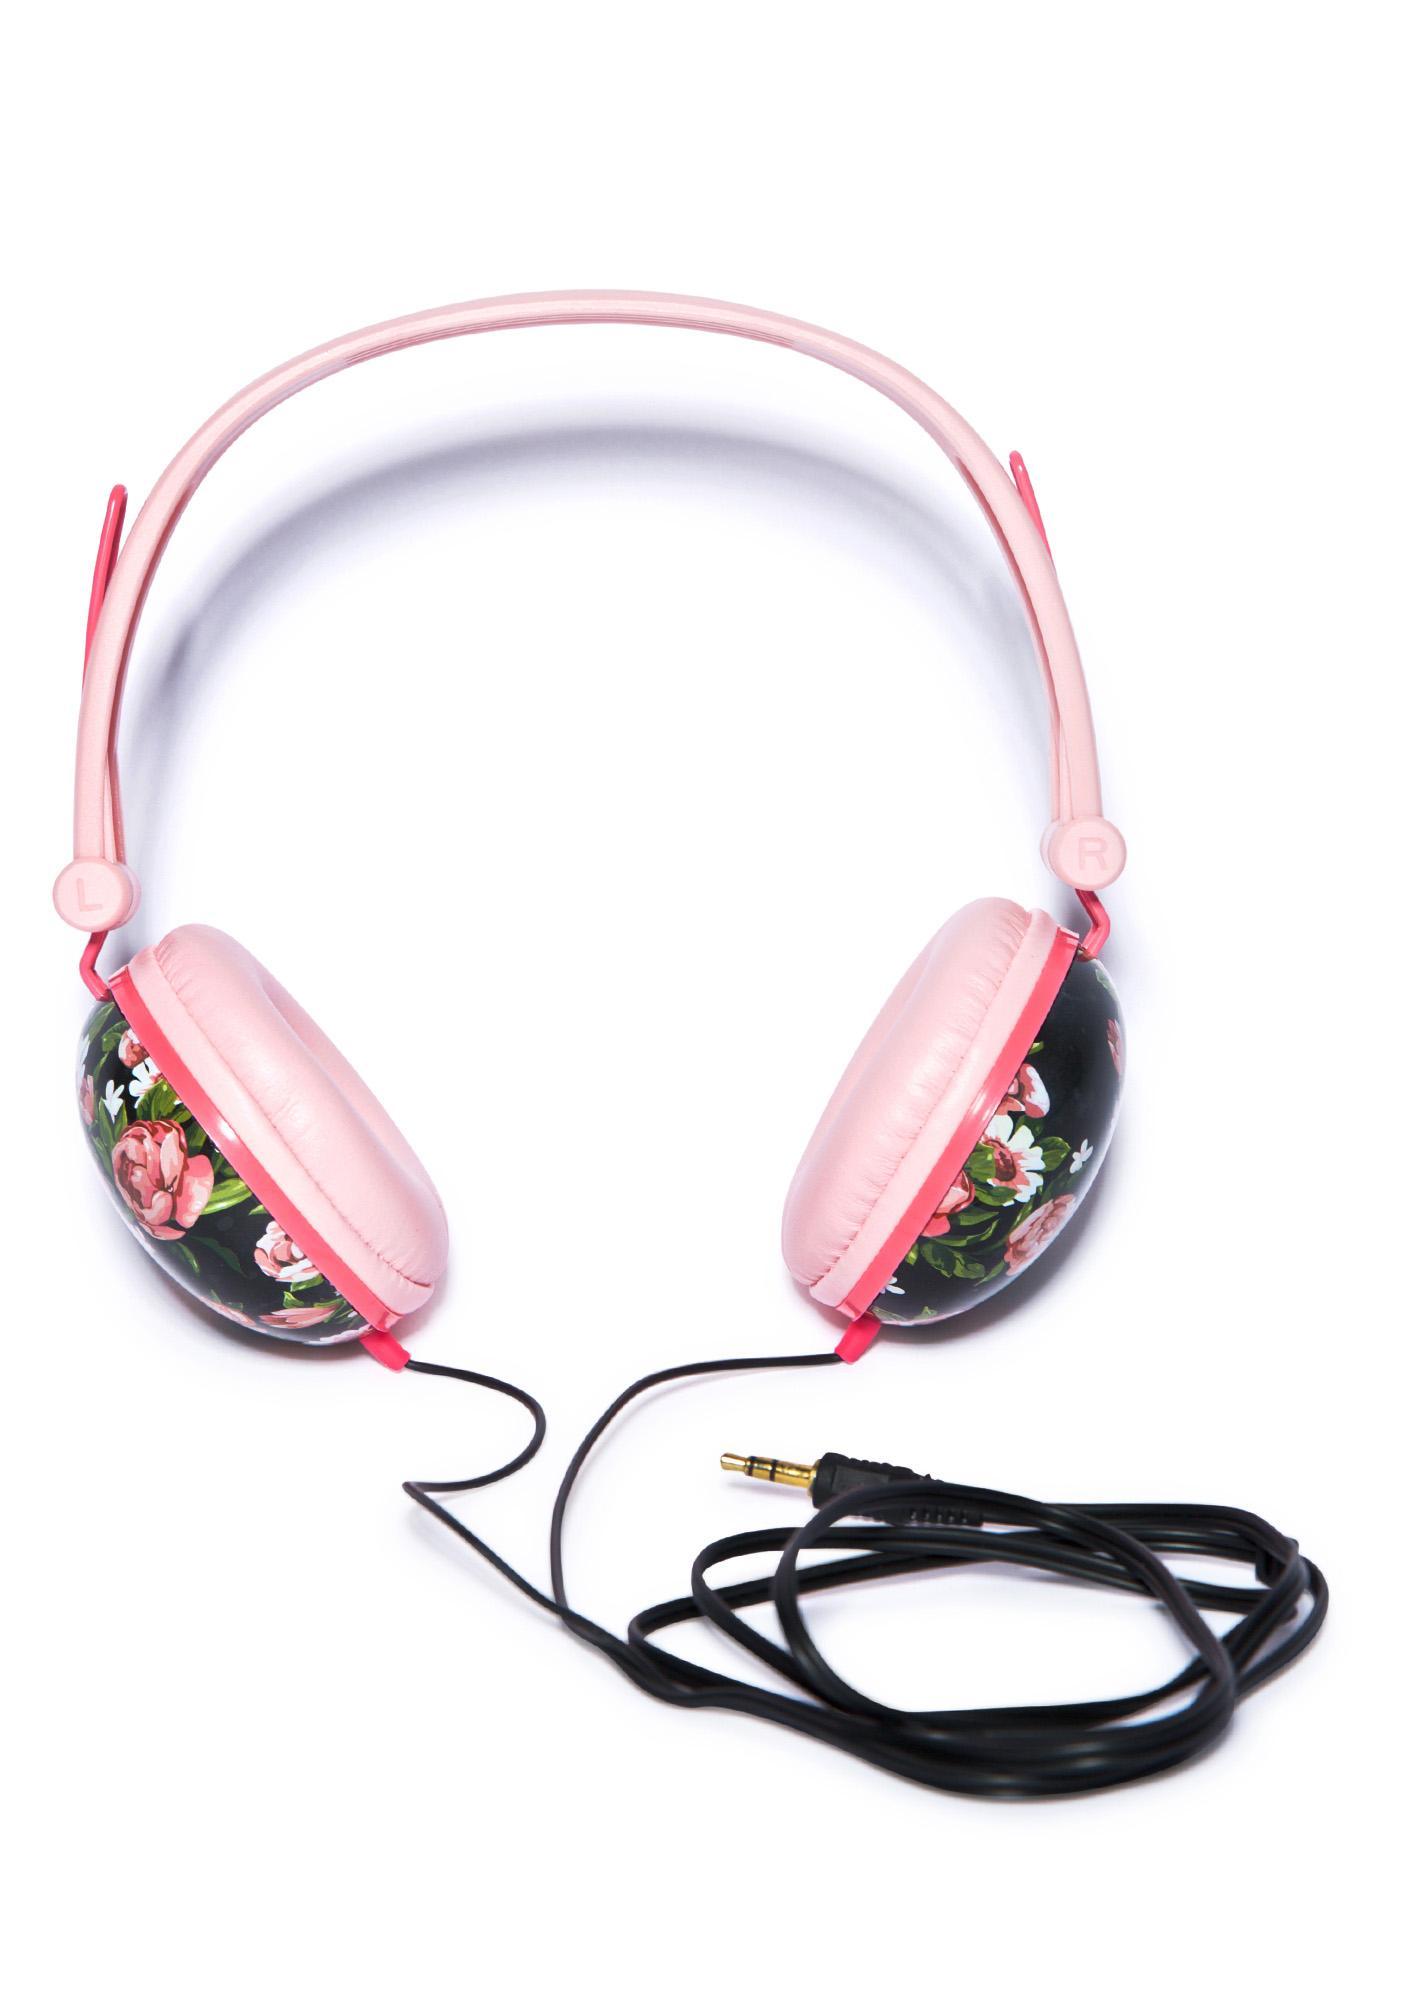 Floral Fiend Headphones